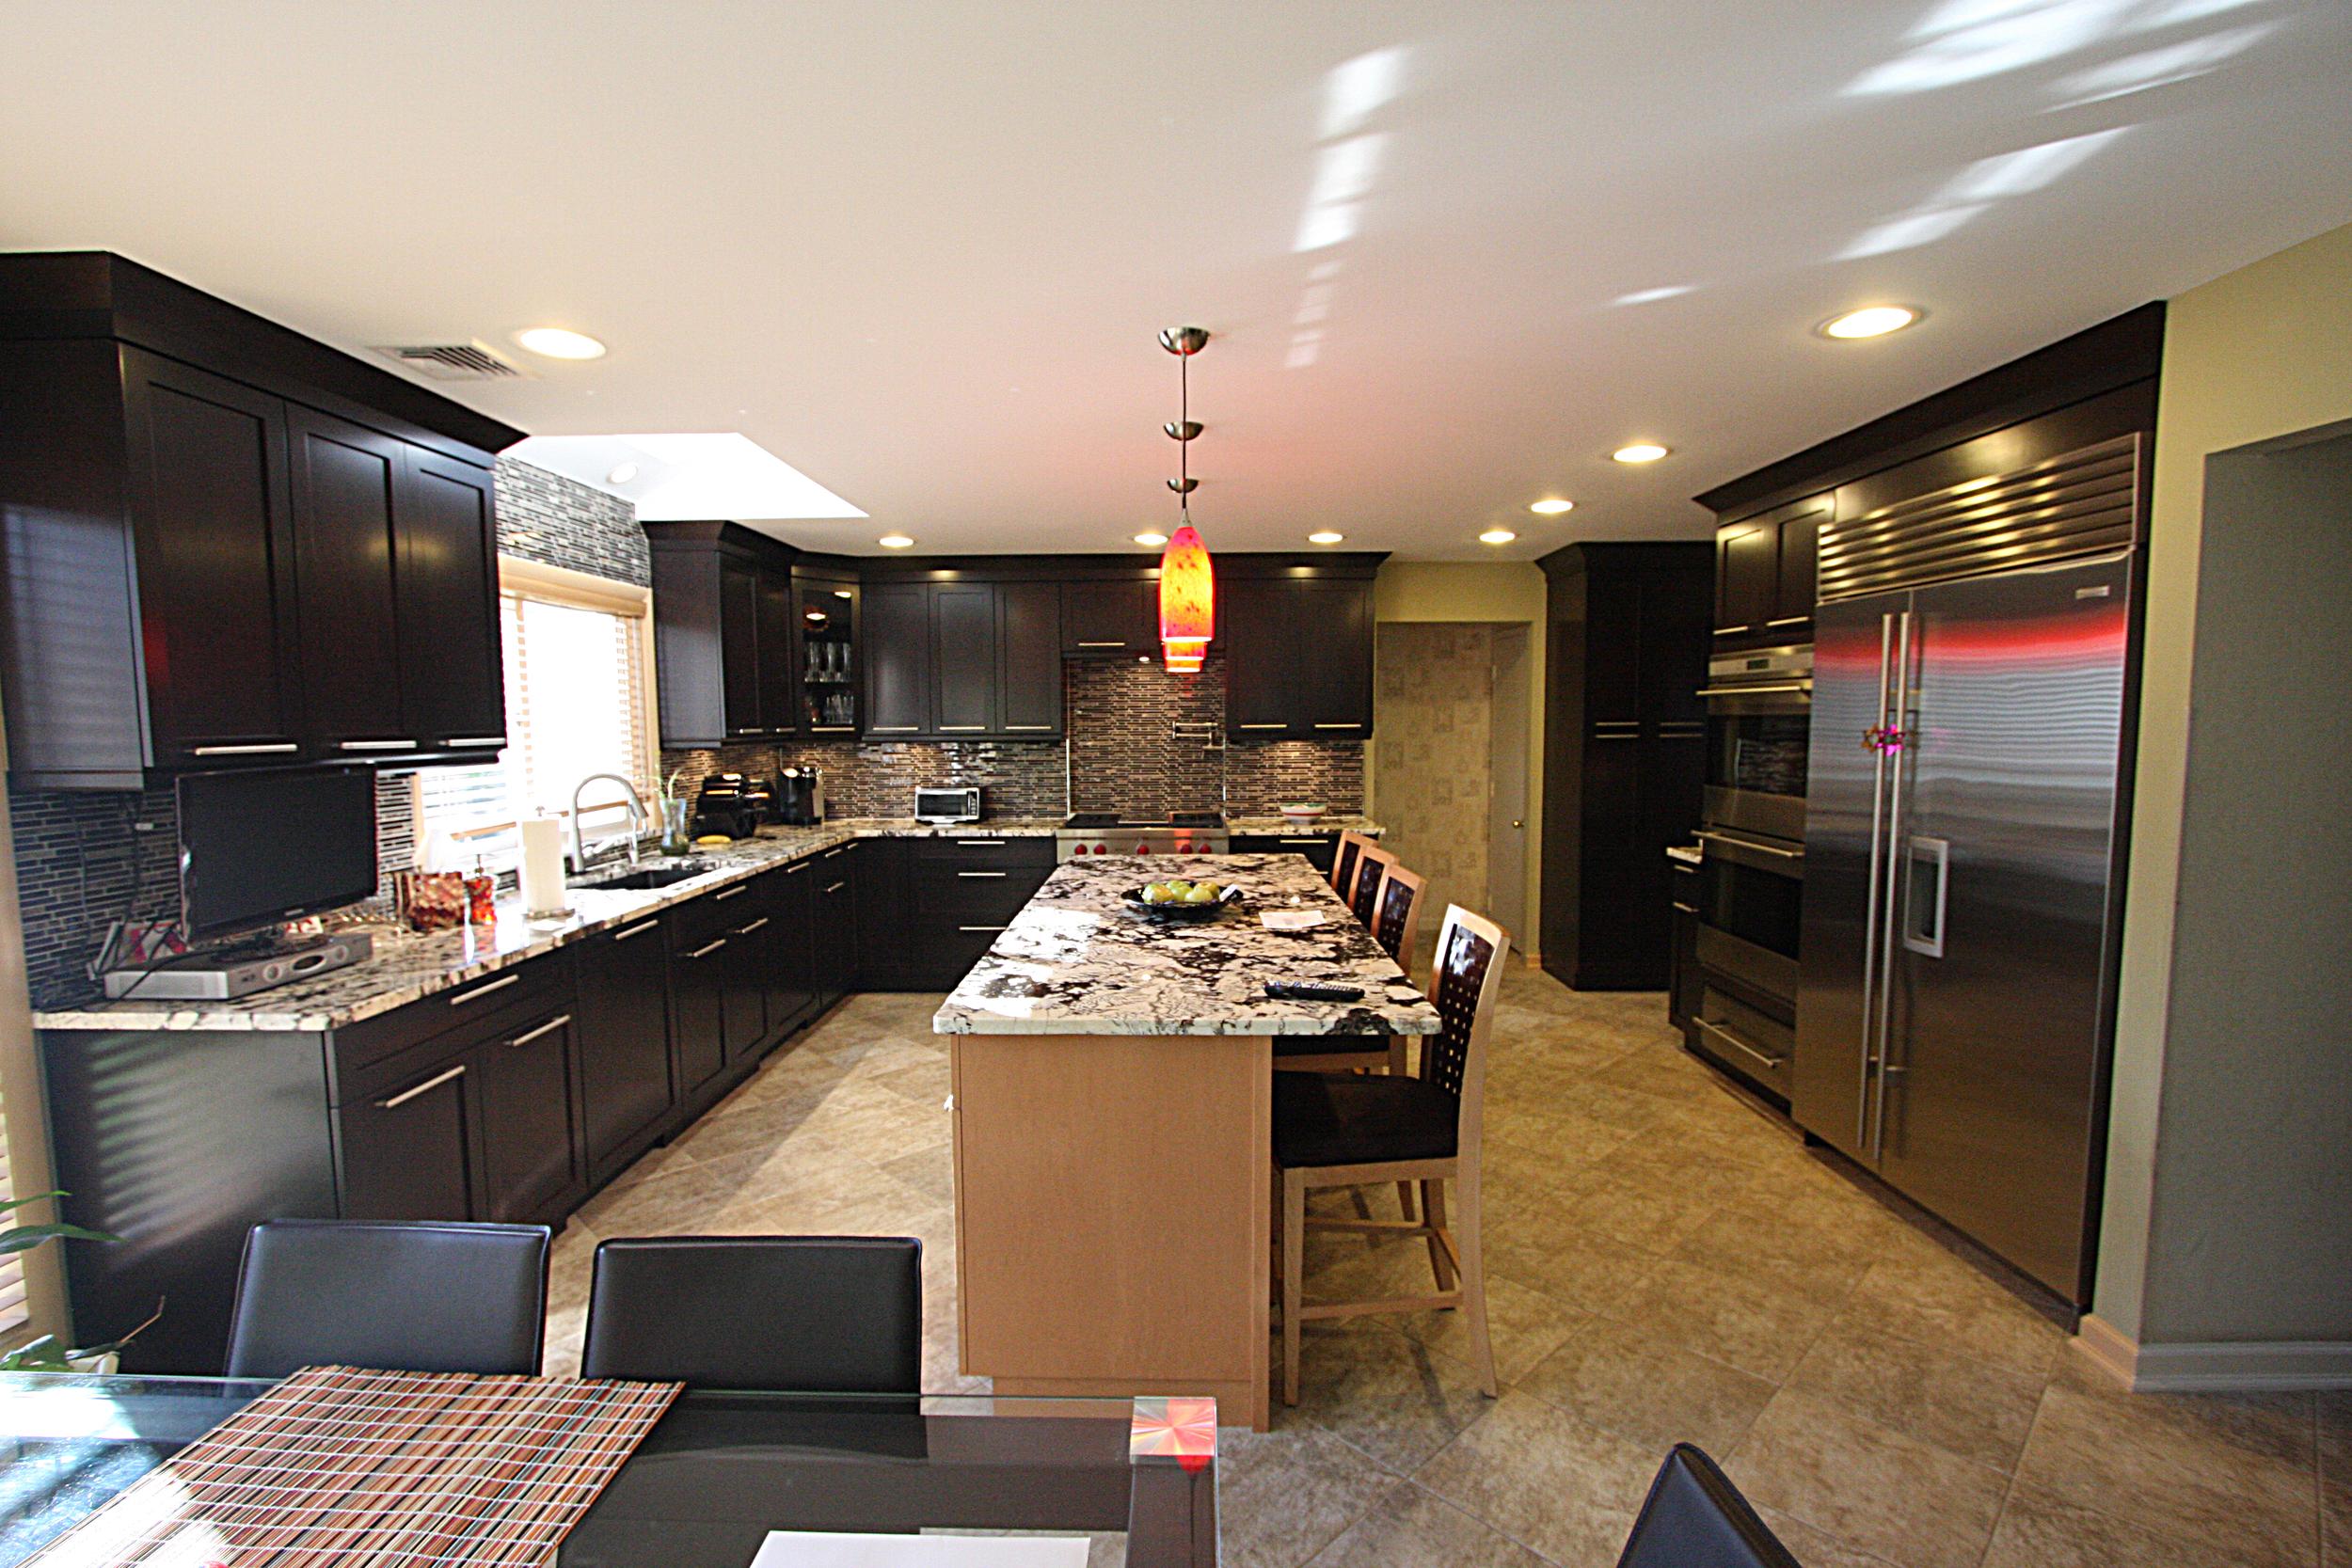 Picture Kitchen 001.jpg